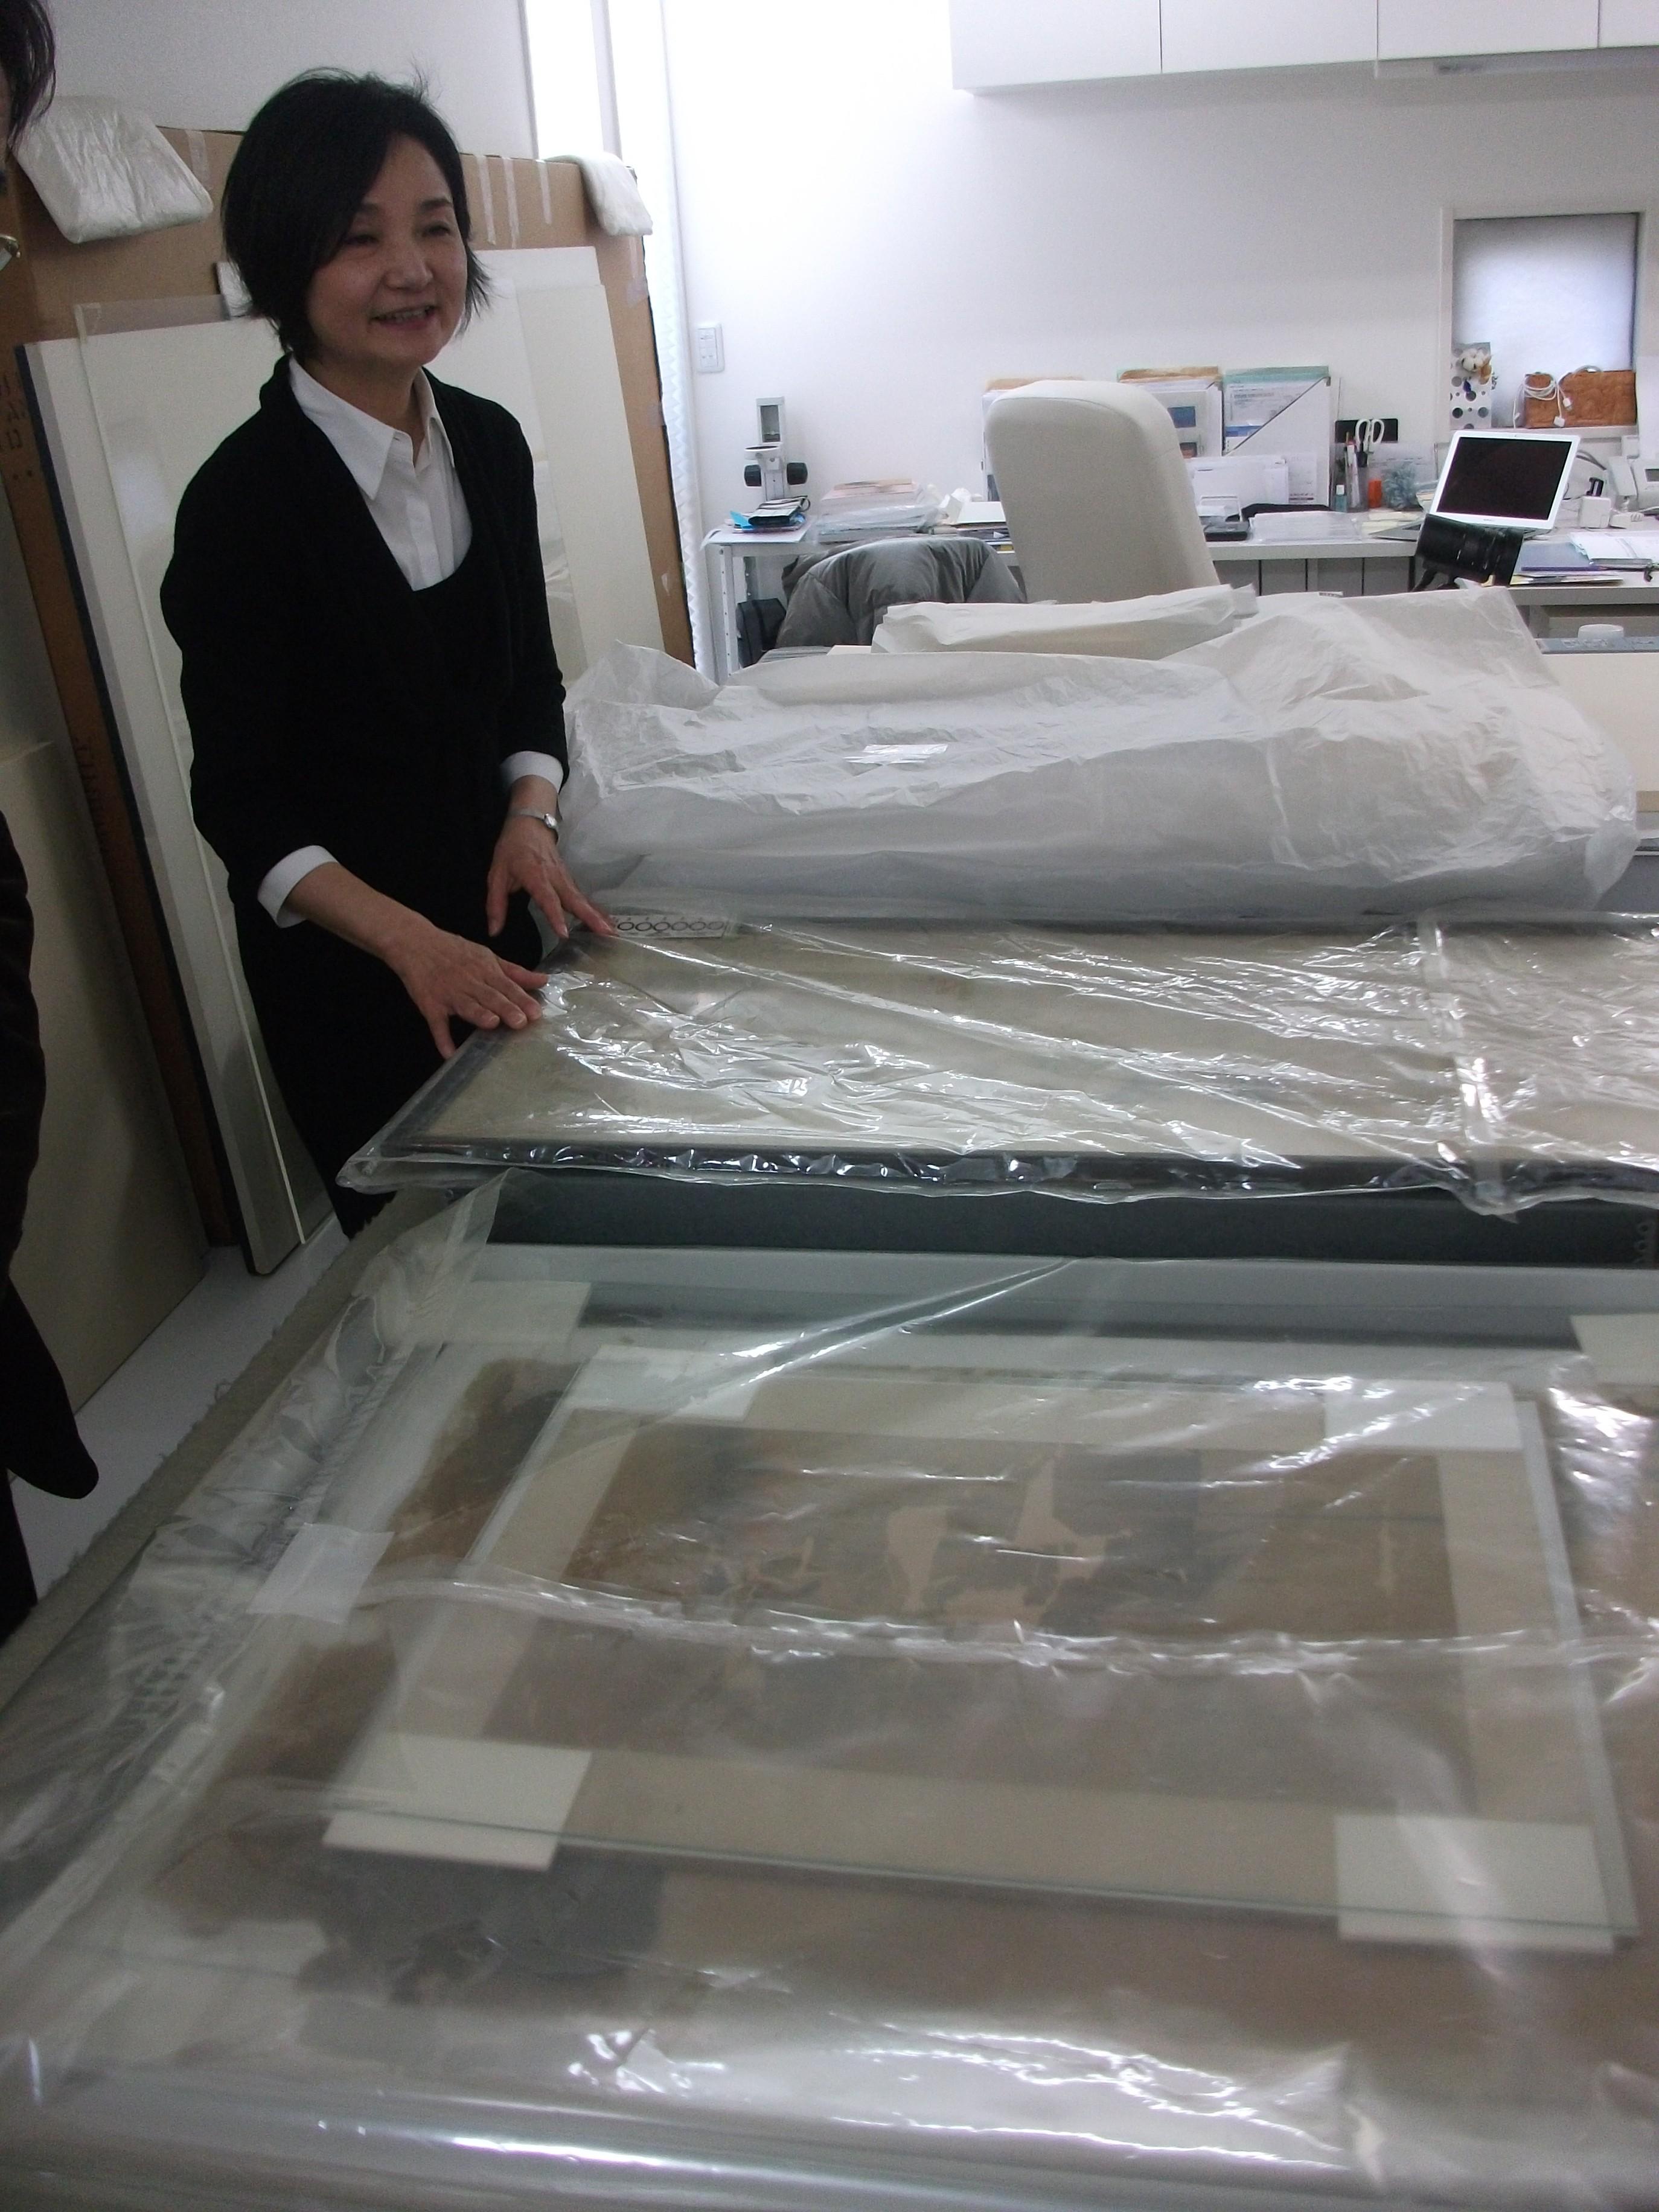 佐倉のIWAI保存修復研究所に持ち込まれたベトナム絹絵(2011年、筆者撮影)